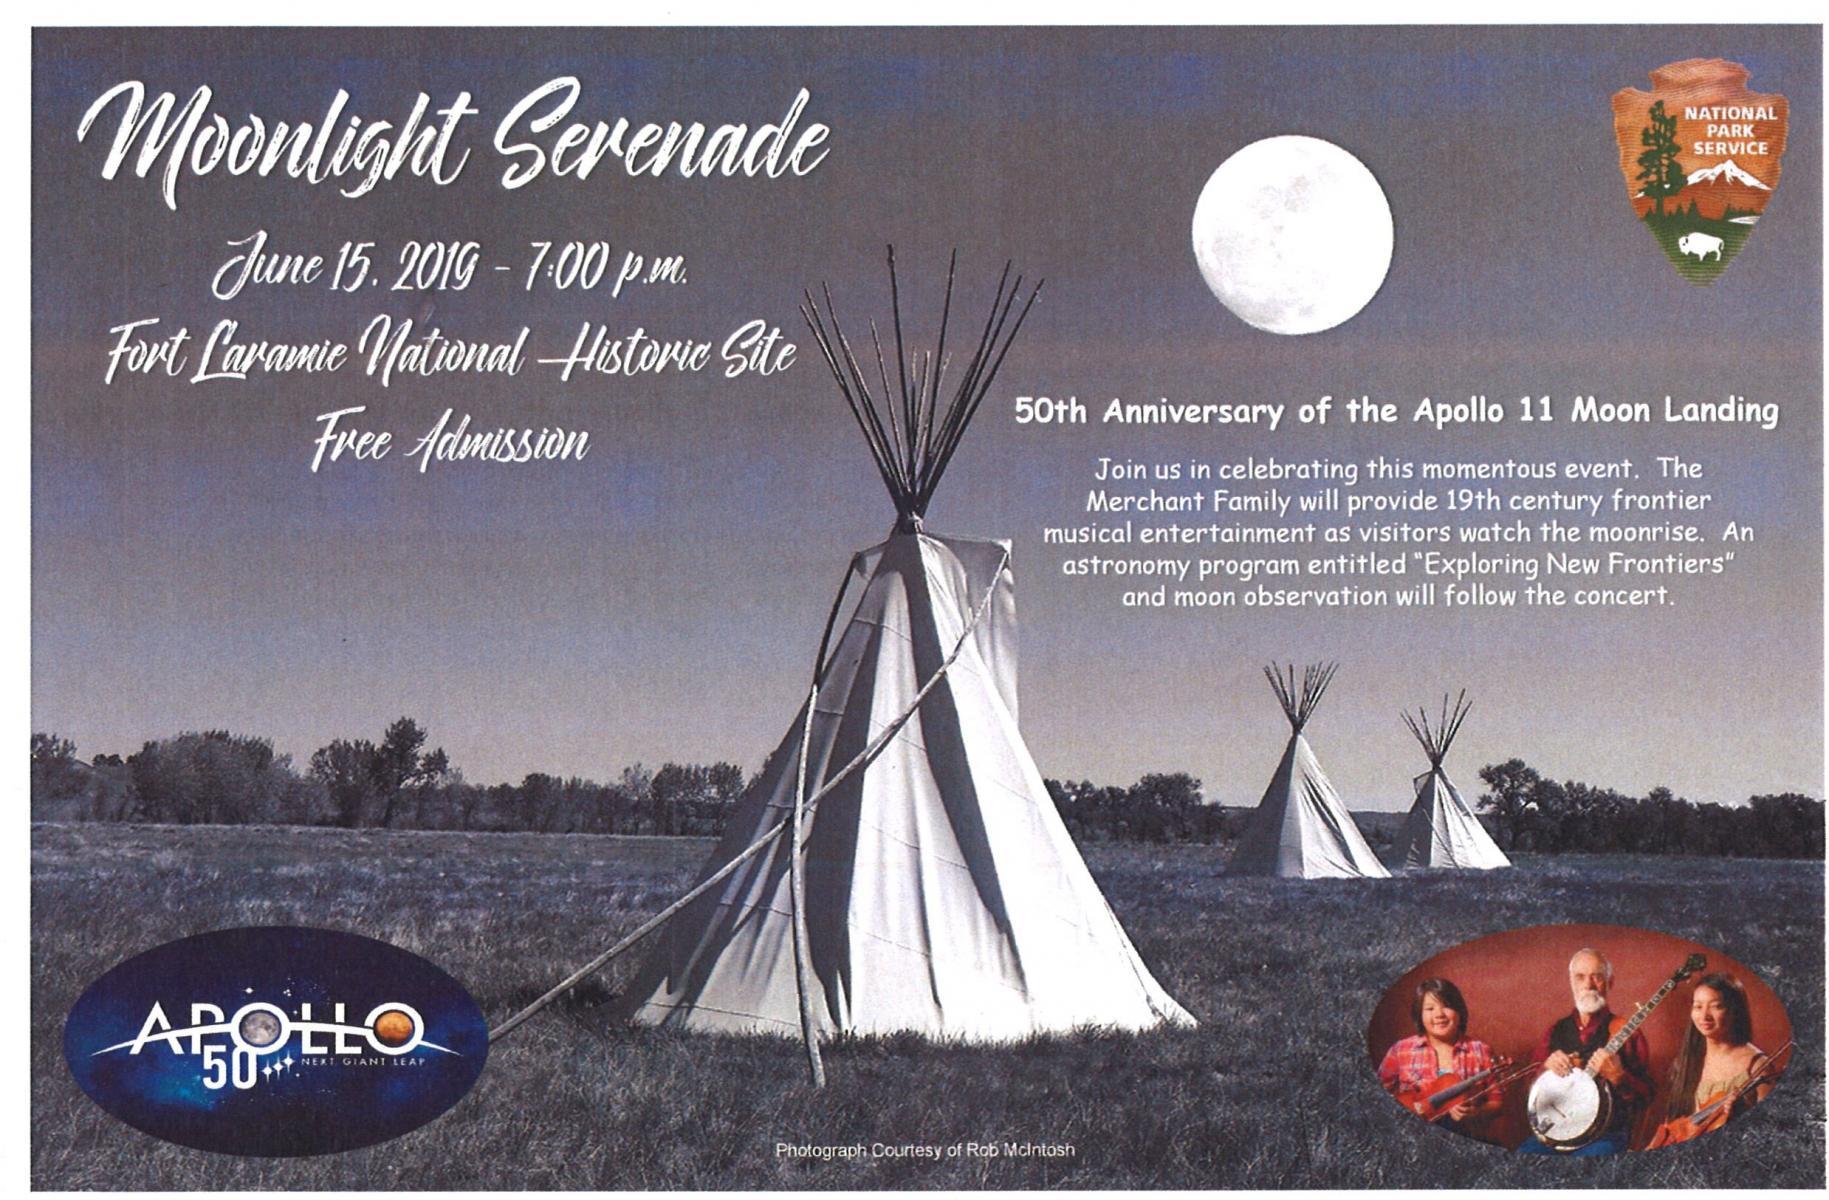 Moonlight Serenade – Apollo 11 50th Anniversary Commemoration   Photo